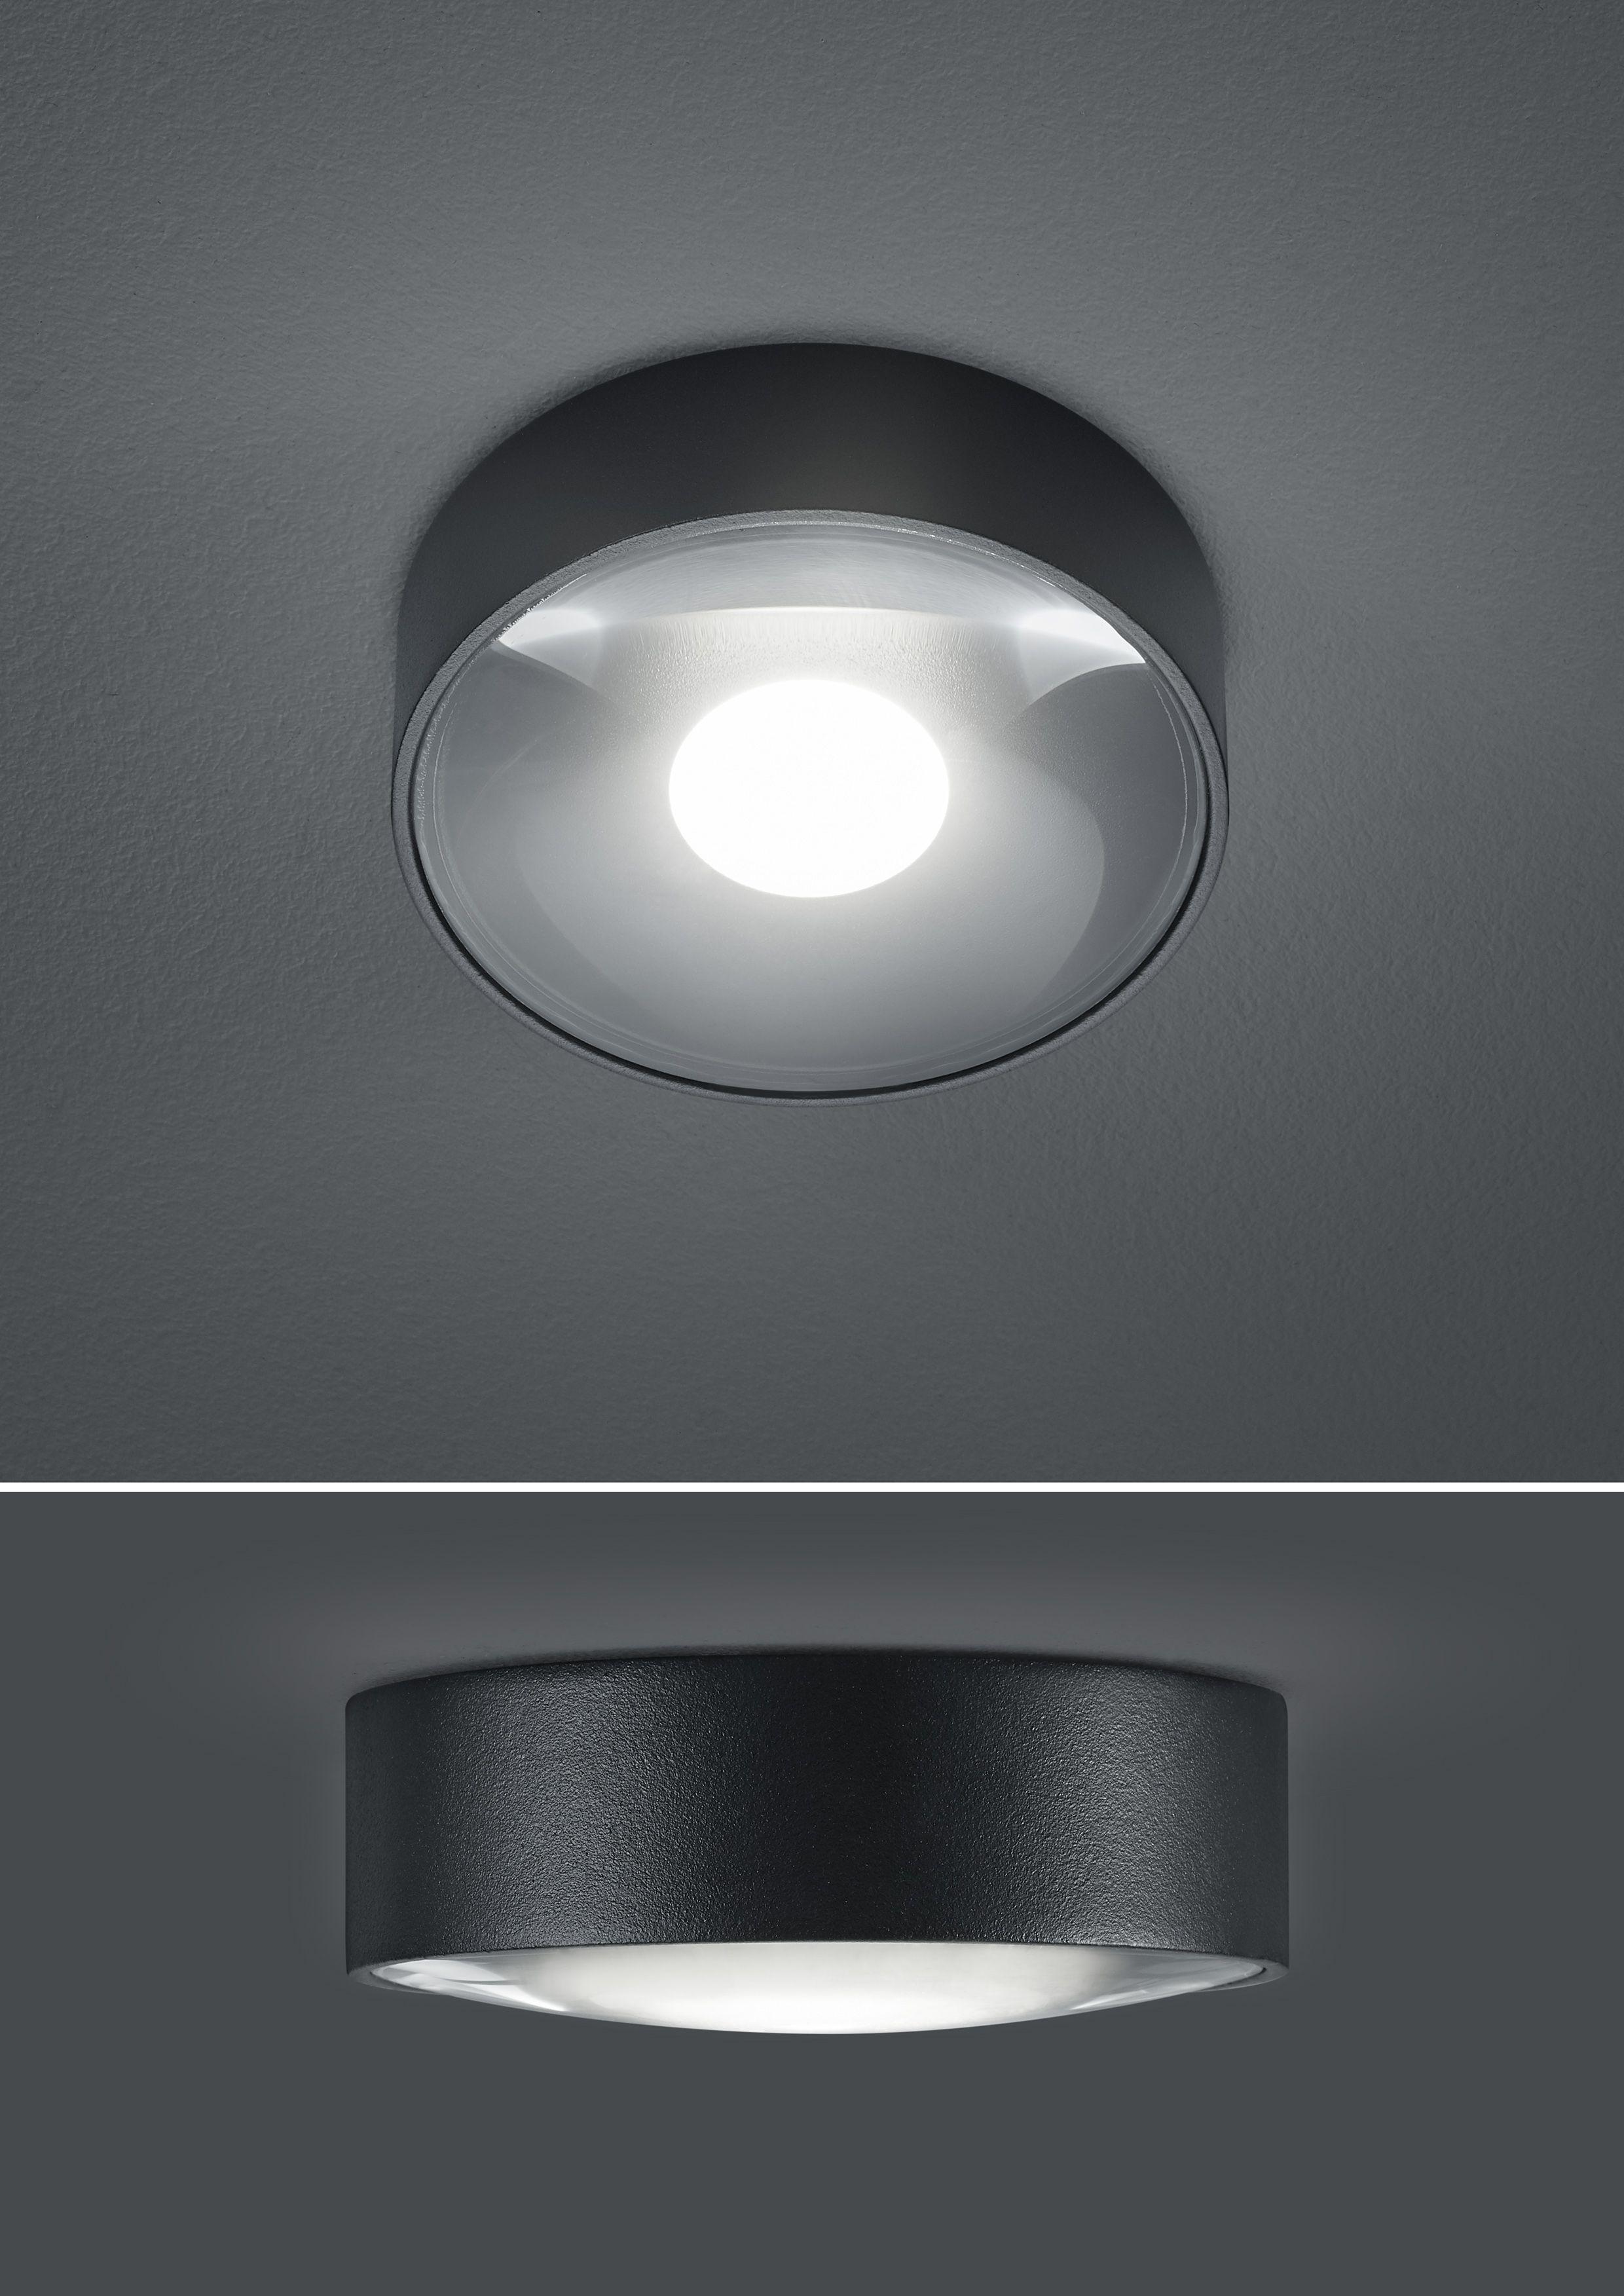 LED-Deckenleuchte Cona von B-Leuchten